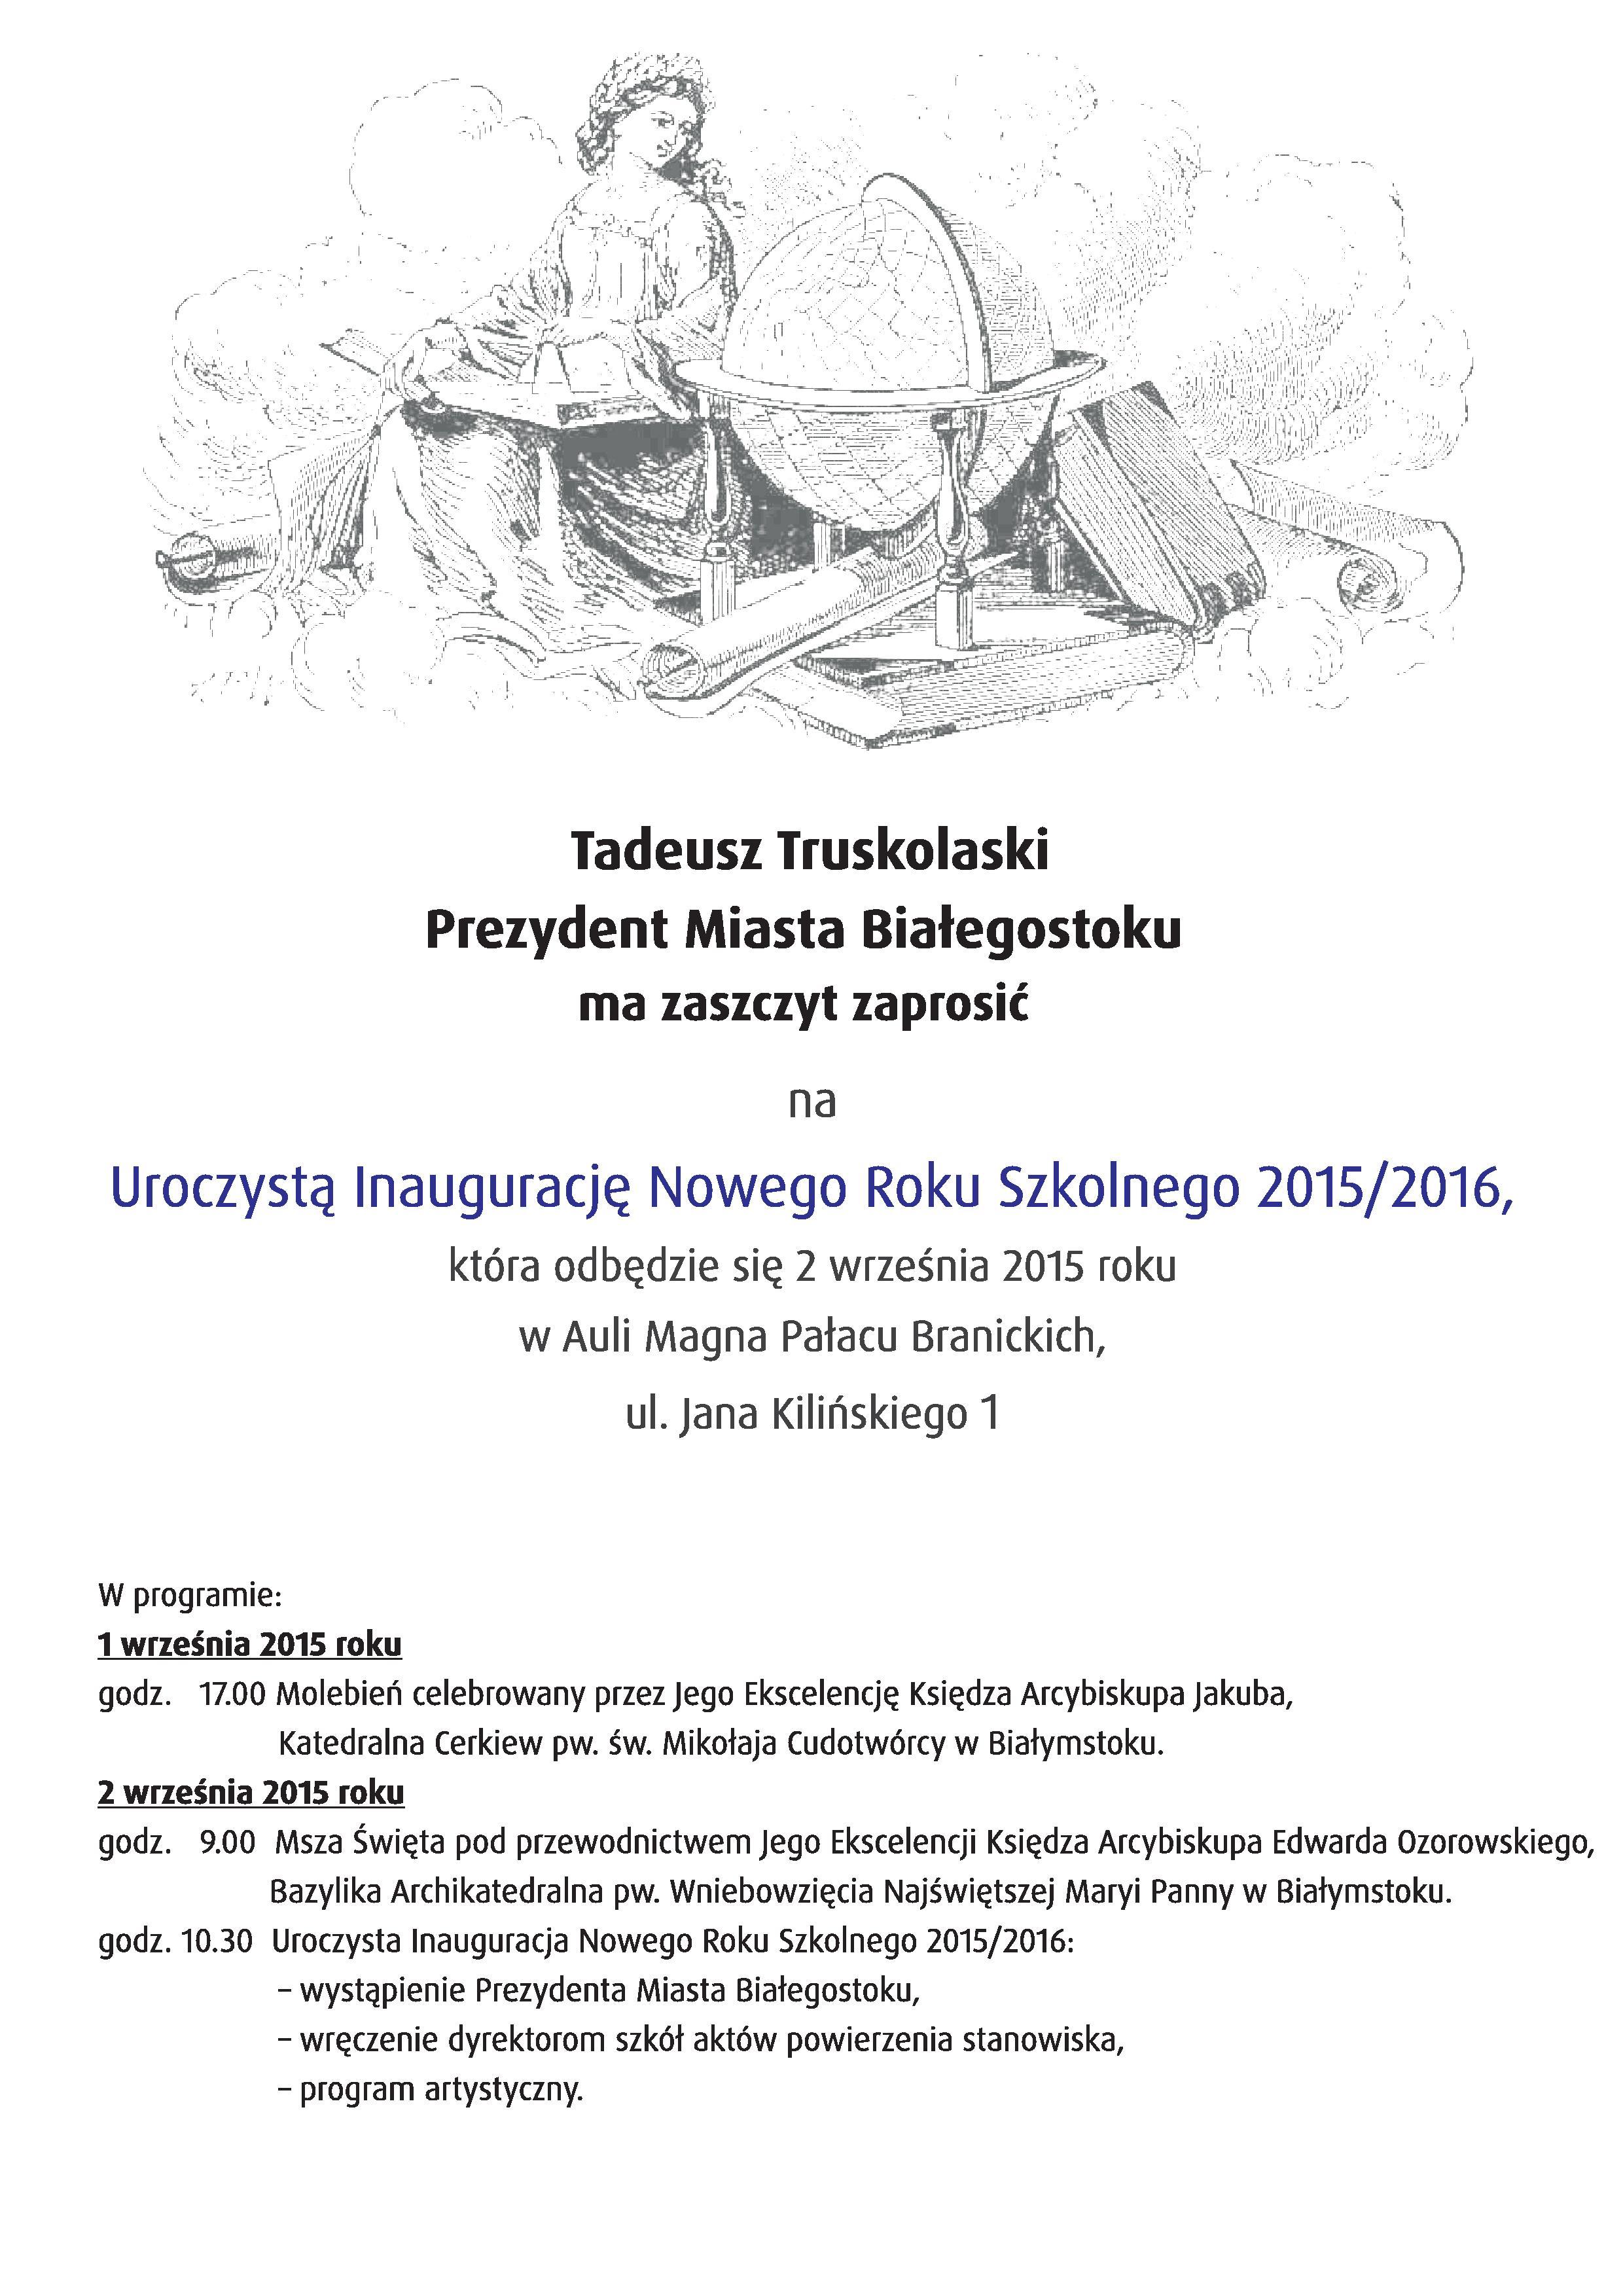 Zaproszenie Na Uroczystą Inaugurację Nowego Roku Szkolnego 20152016